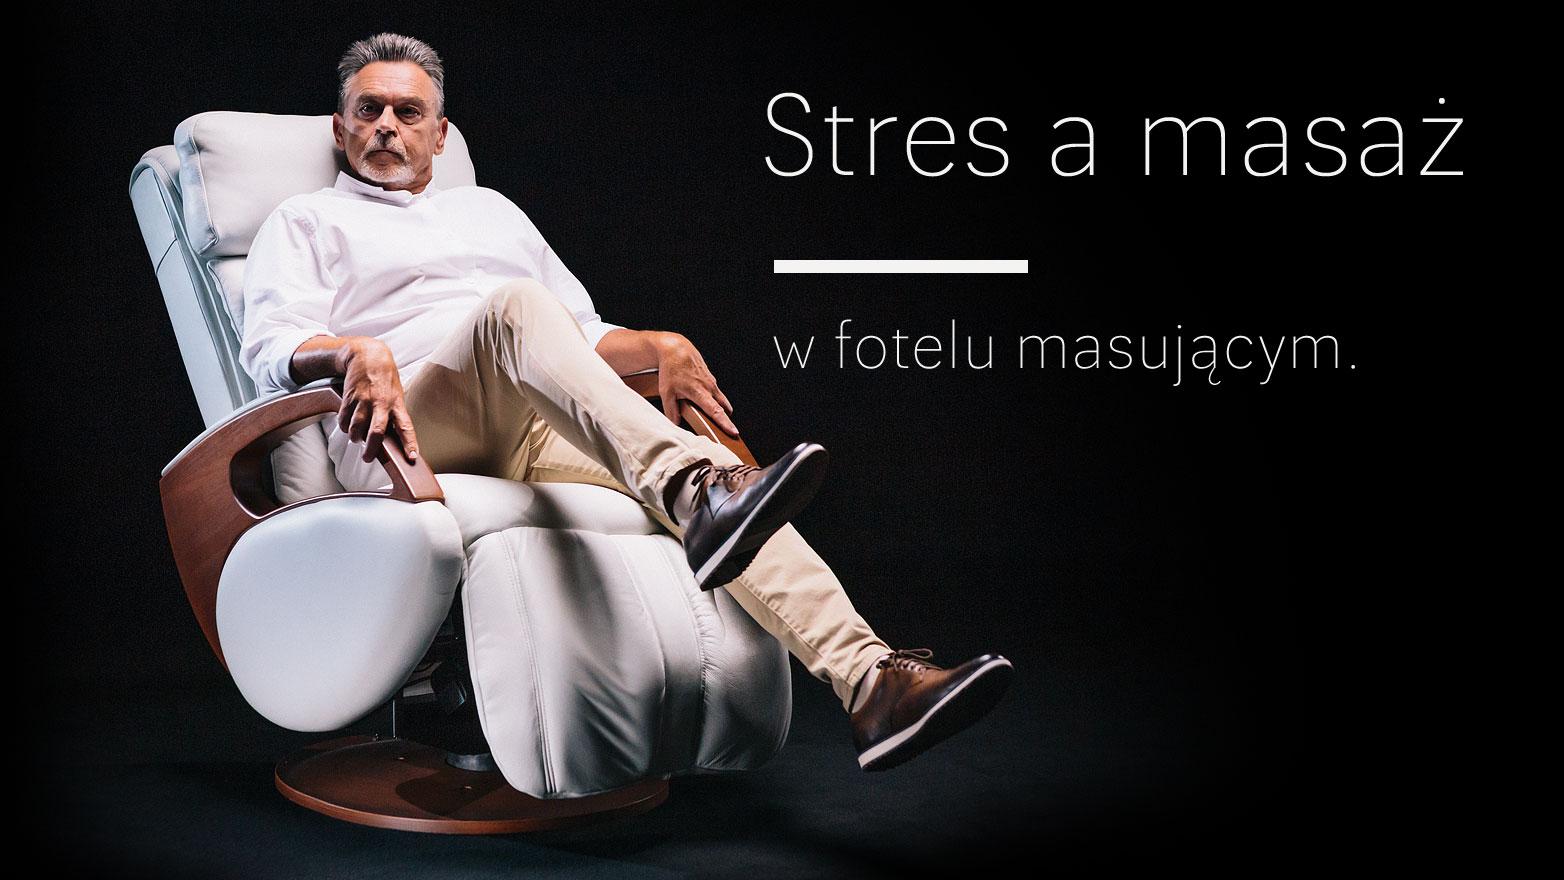 Stres a masaż w fotelu masującym